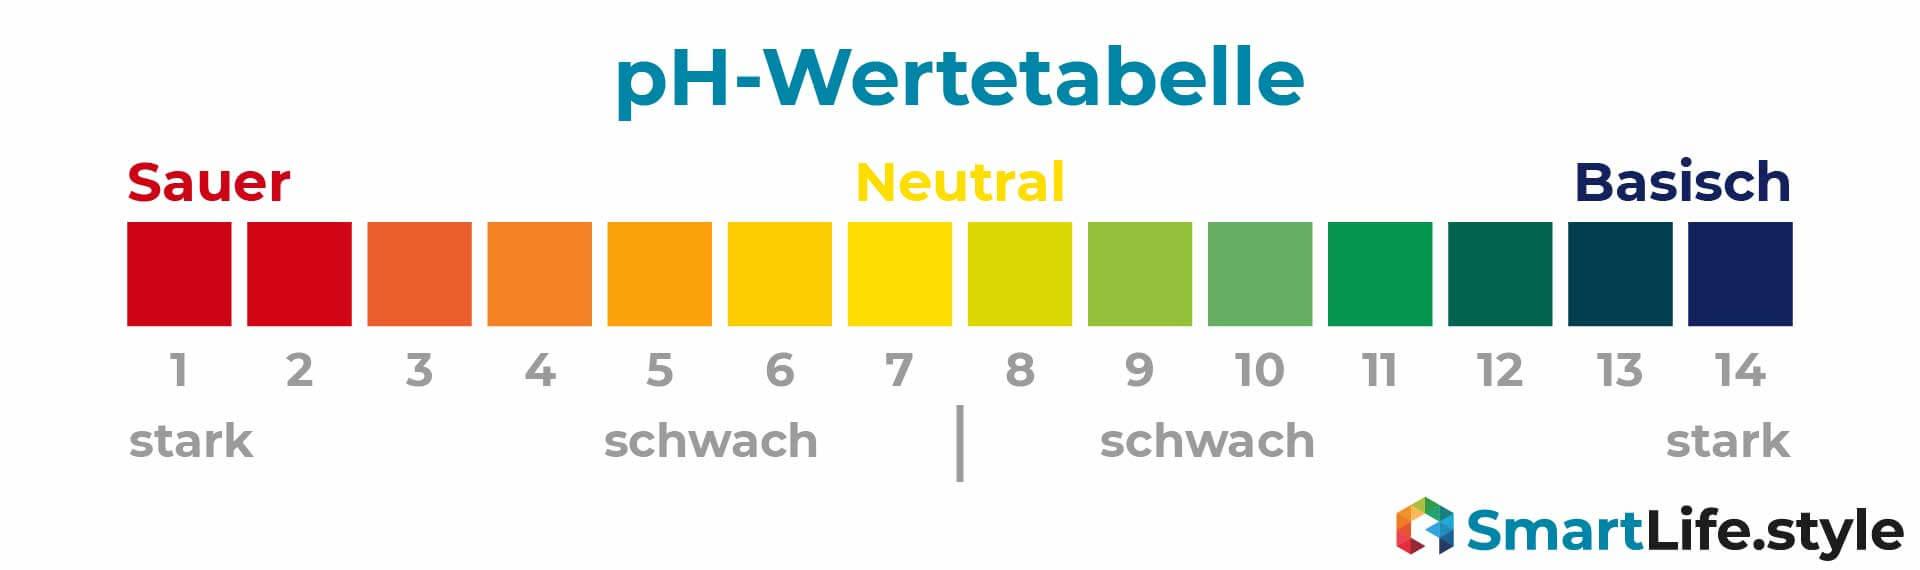 pH-Wertetabelle